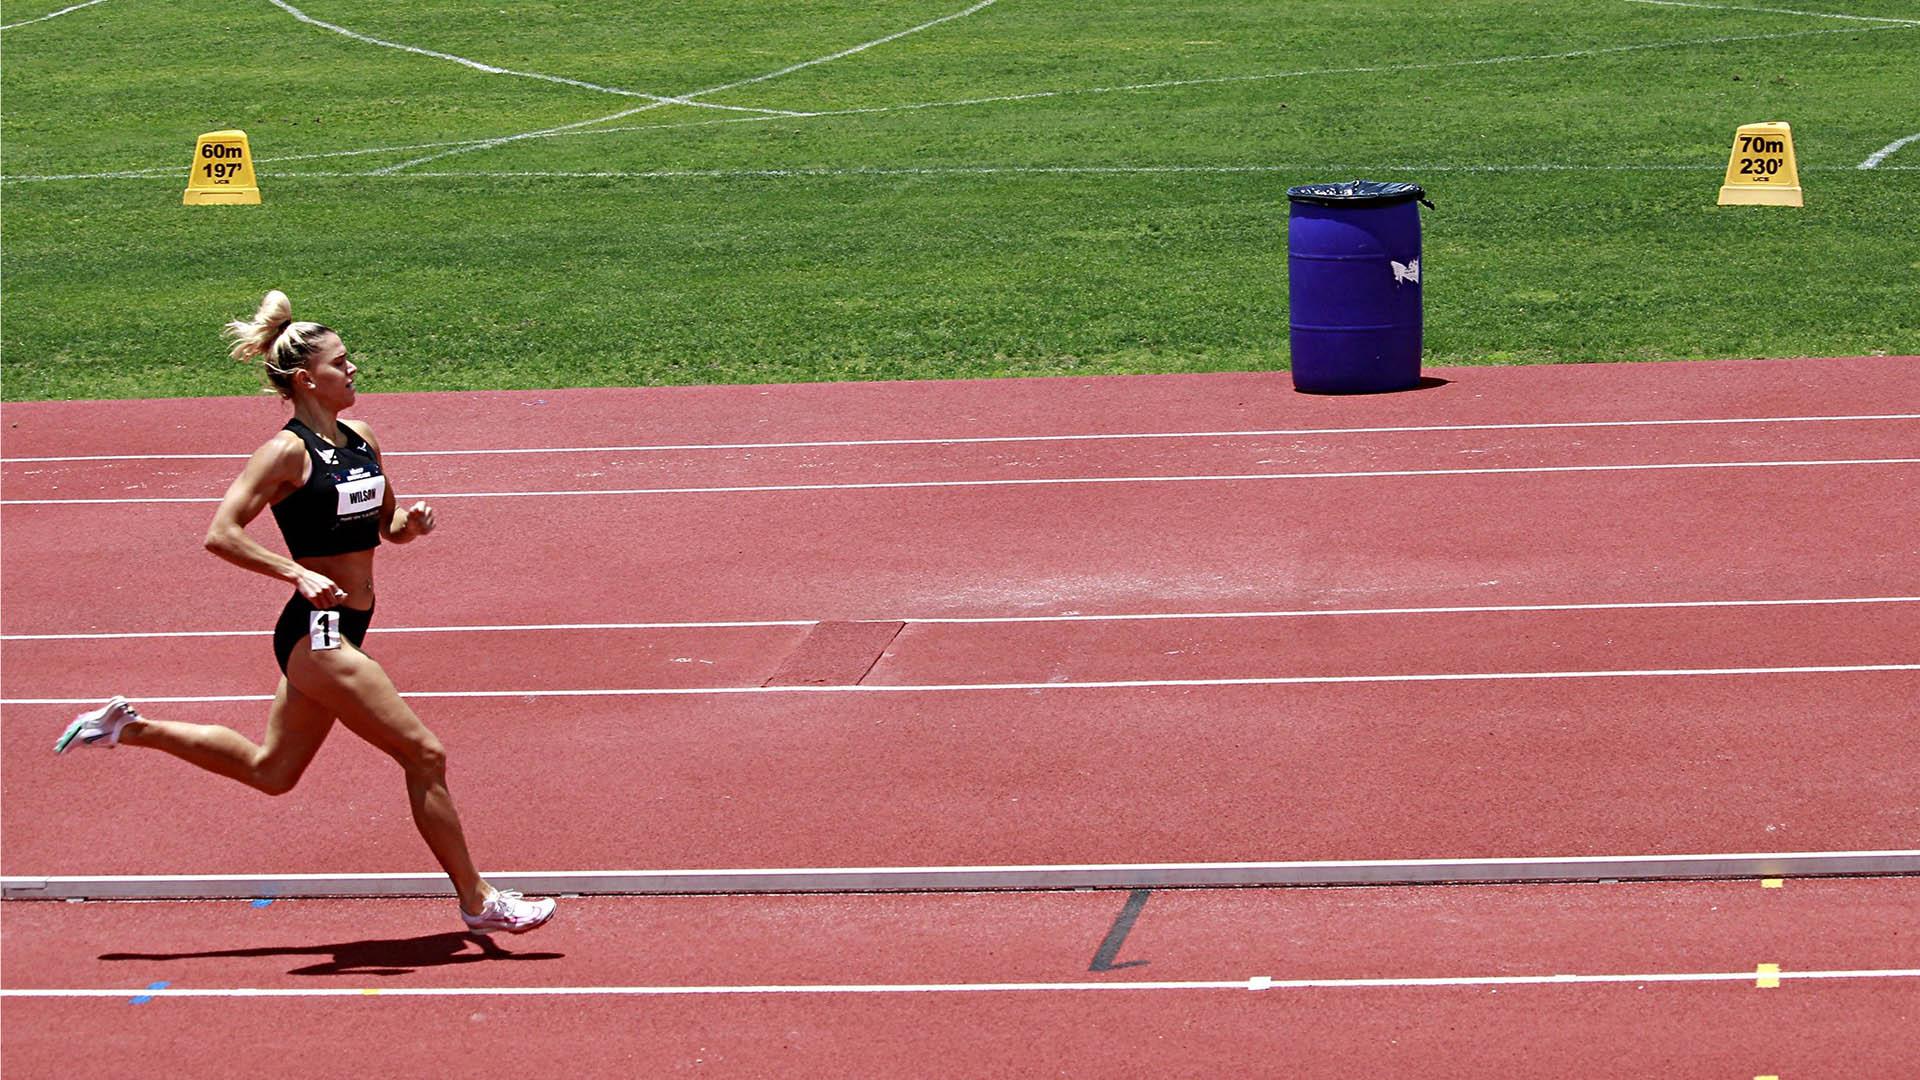 comment voir les épreuves de sport en streaming en France ?